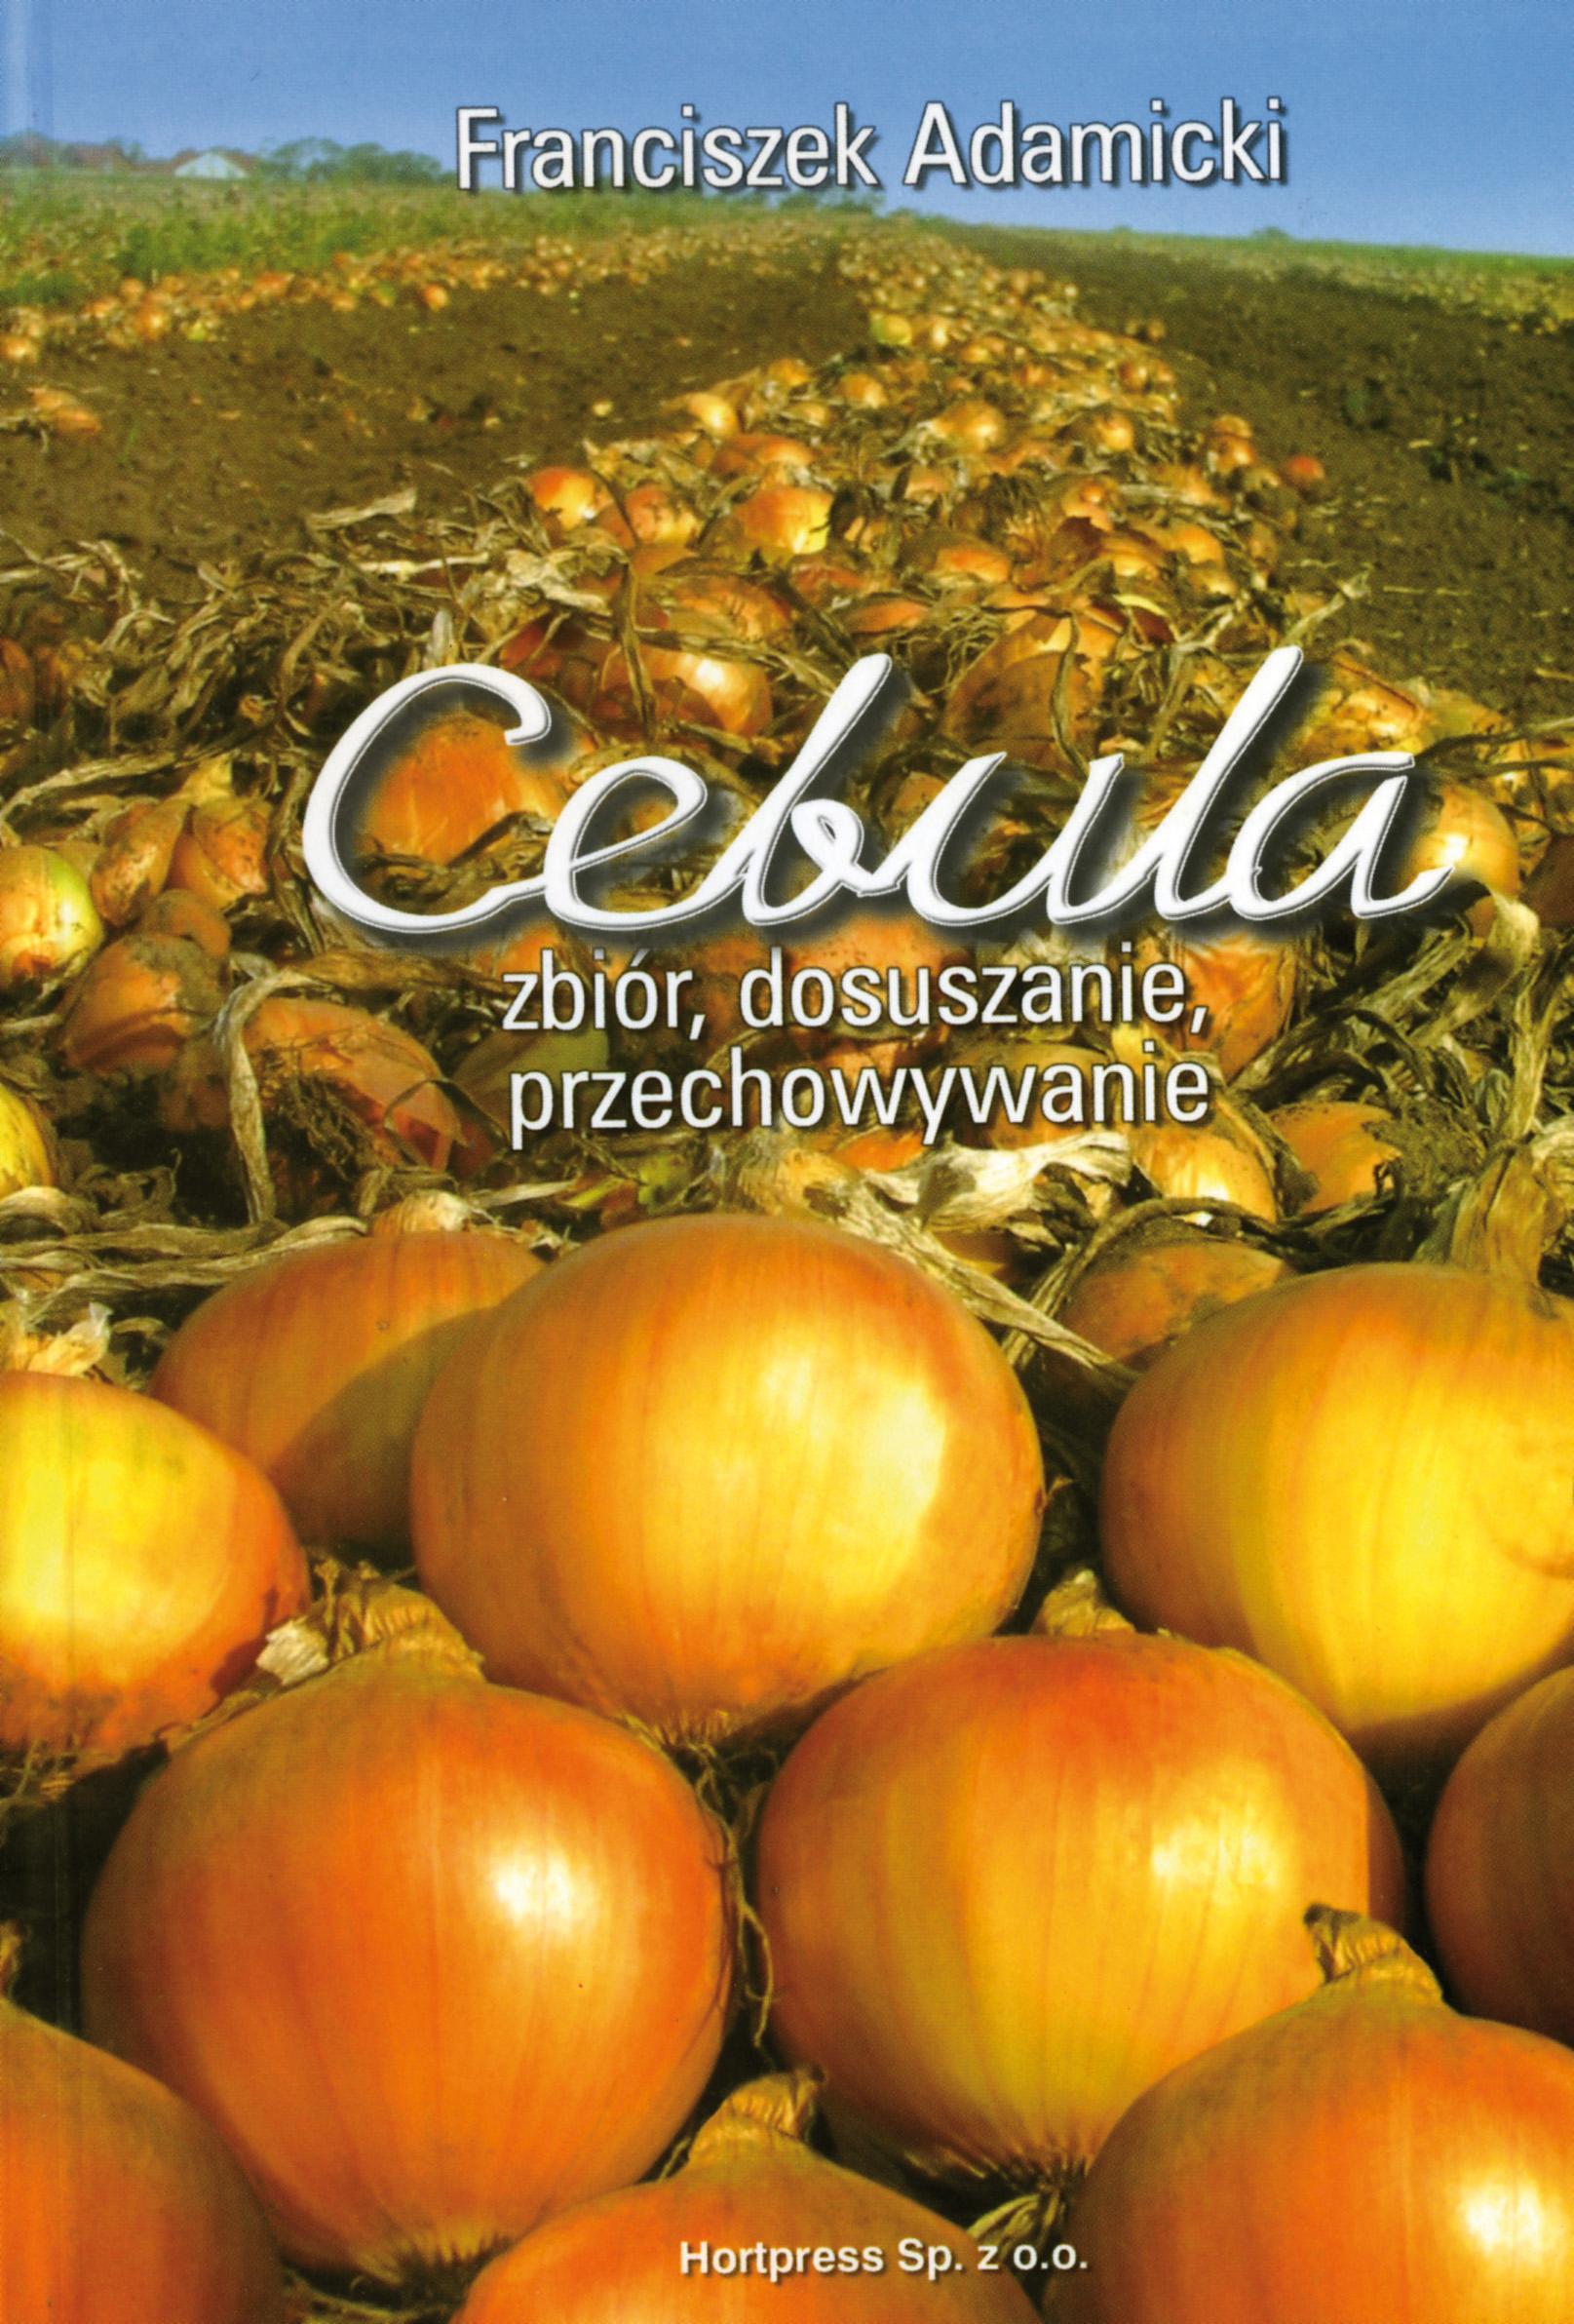 cebula_zbior-dosuszanie-przechowywanie